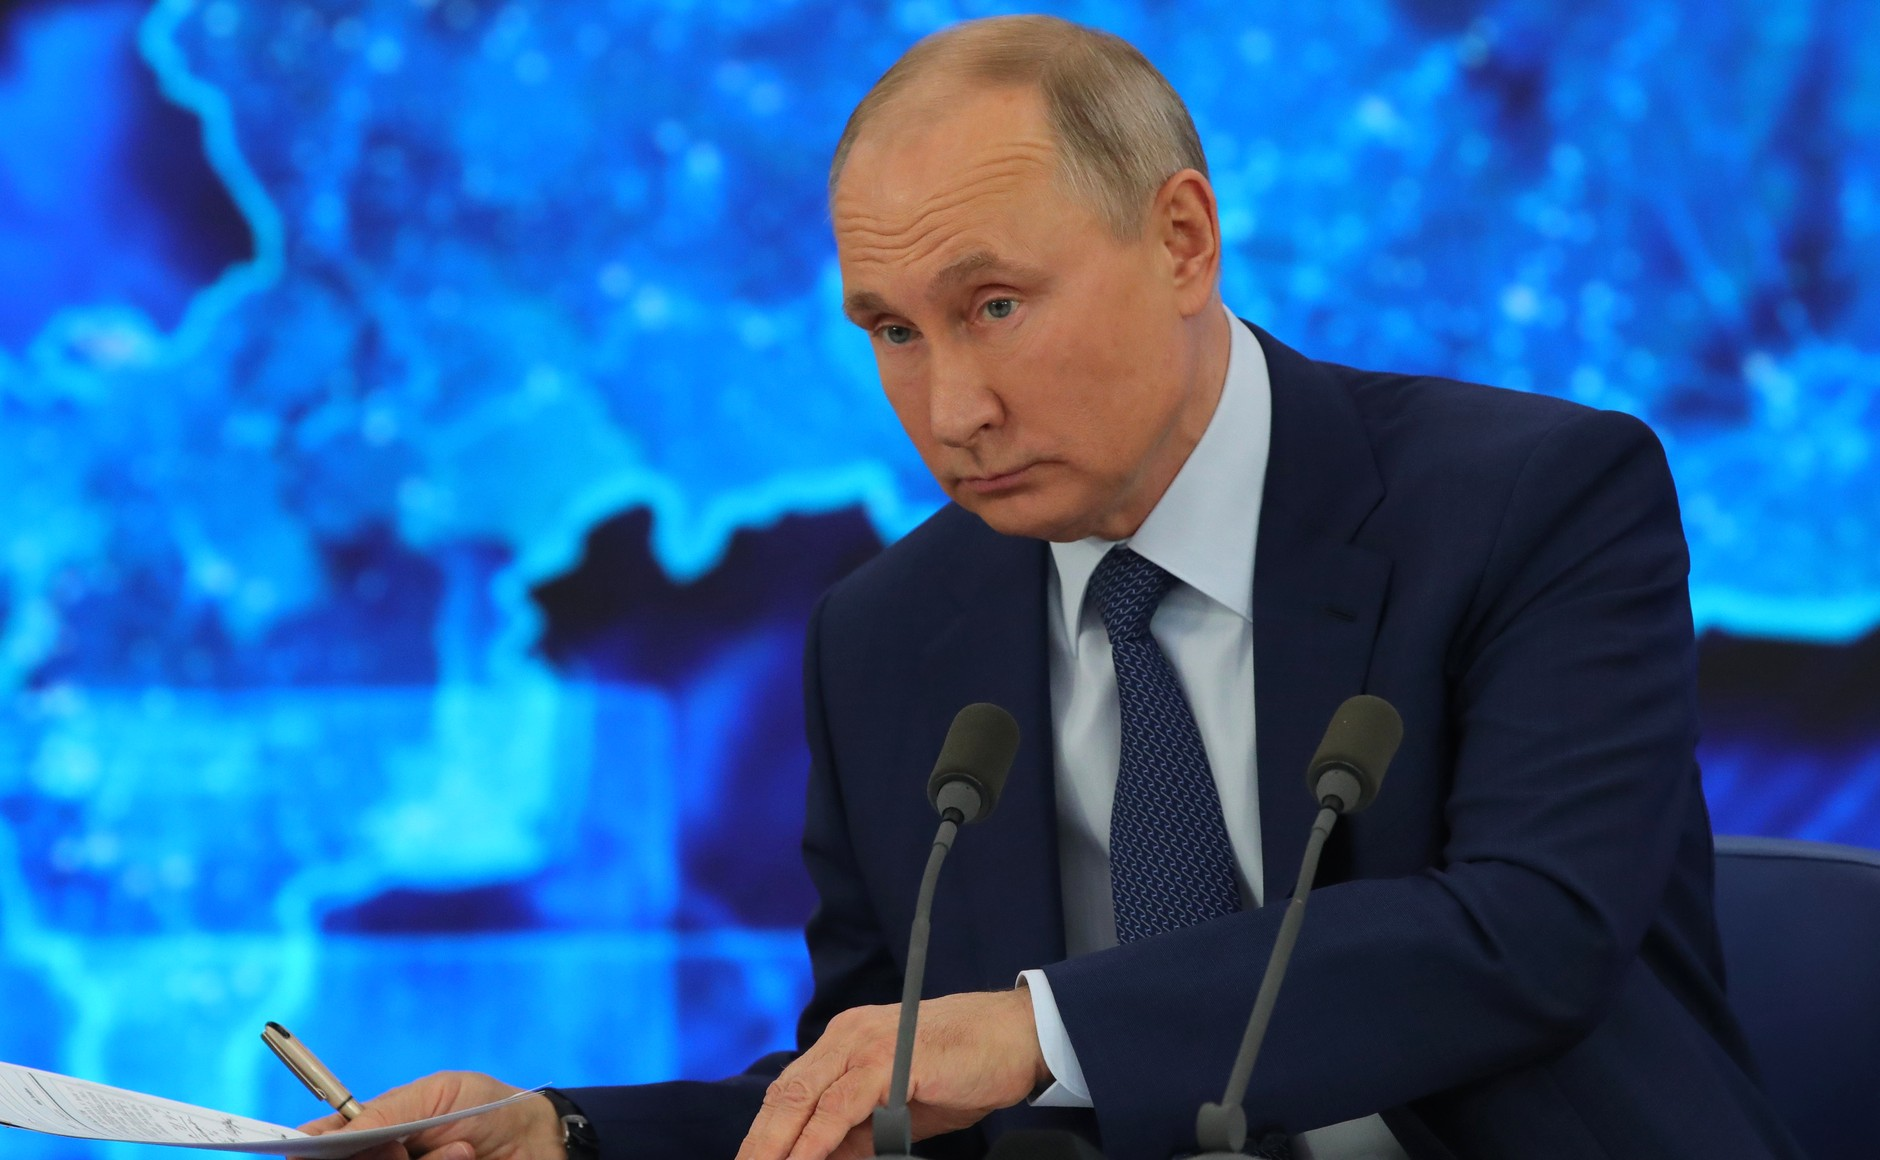 RUSSIE 17.12.2020.CONFERENCE 50 XX 66 Avant le début de la conférence de presse annuelle de Vladimir Poutine.